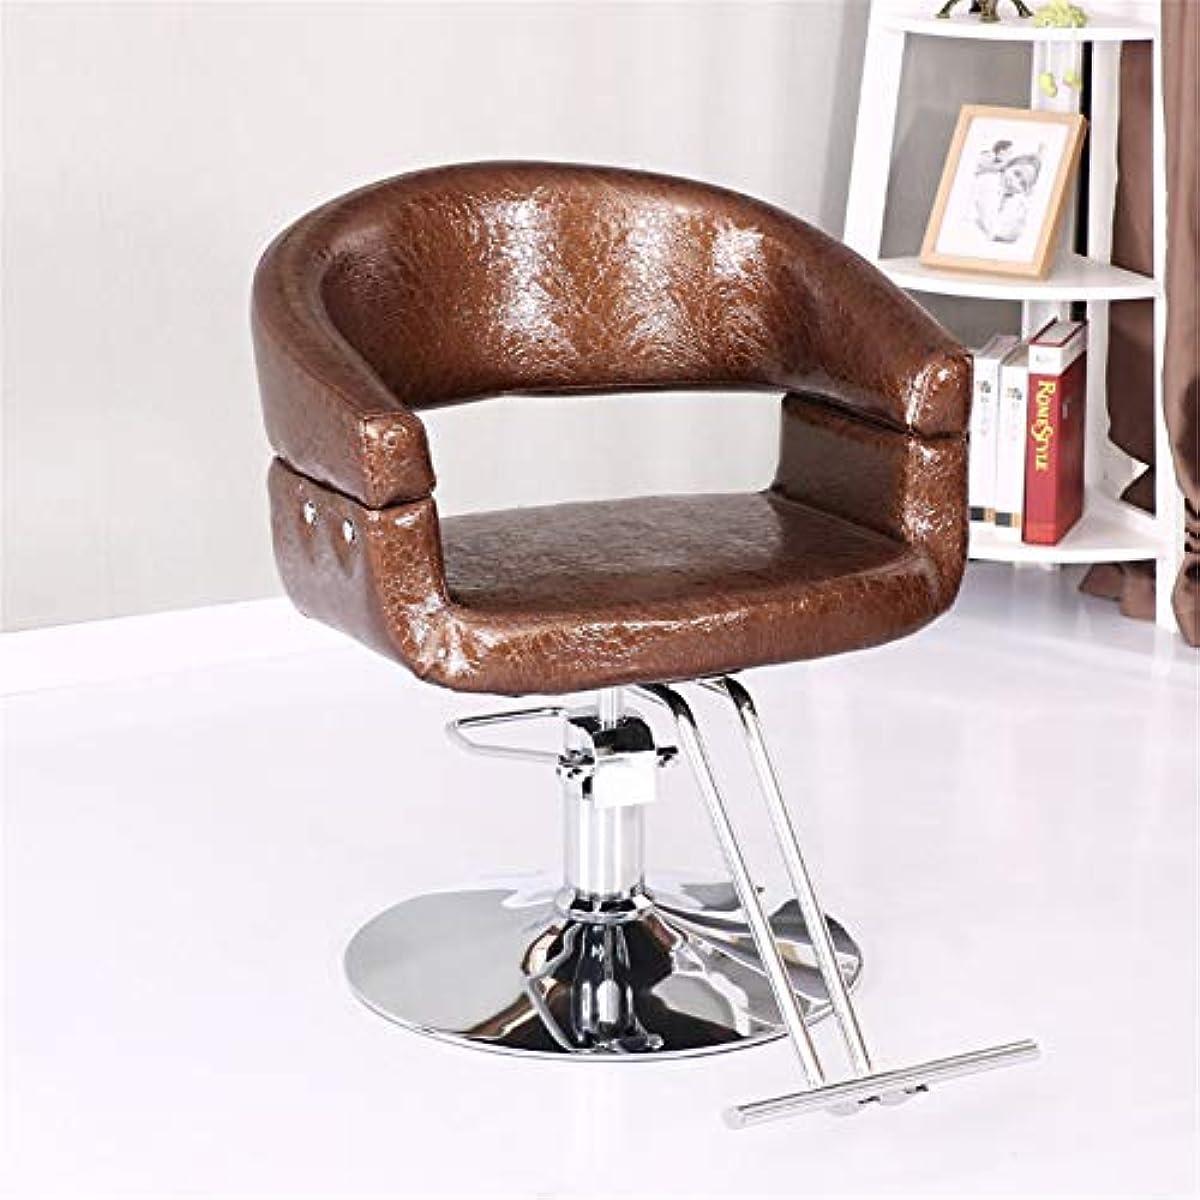 枕前にアプライアンスSalon Chair Fashion Hydraulic Barber Chair Styling Beauty Salon Equipment Round Base Stable Comfort,Brown,B